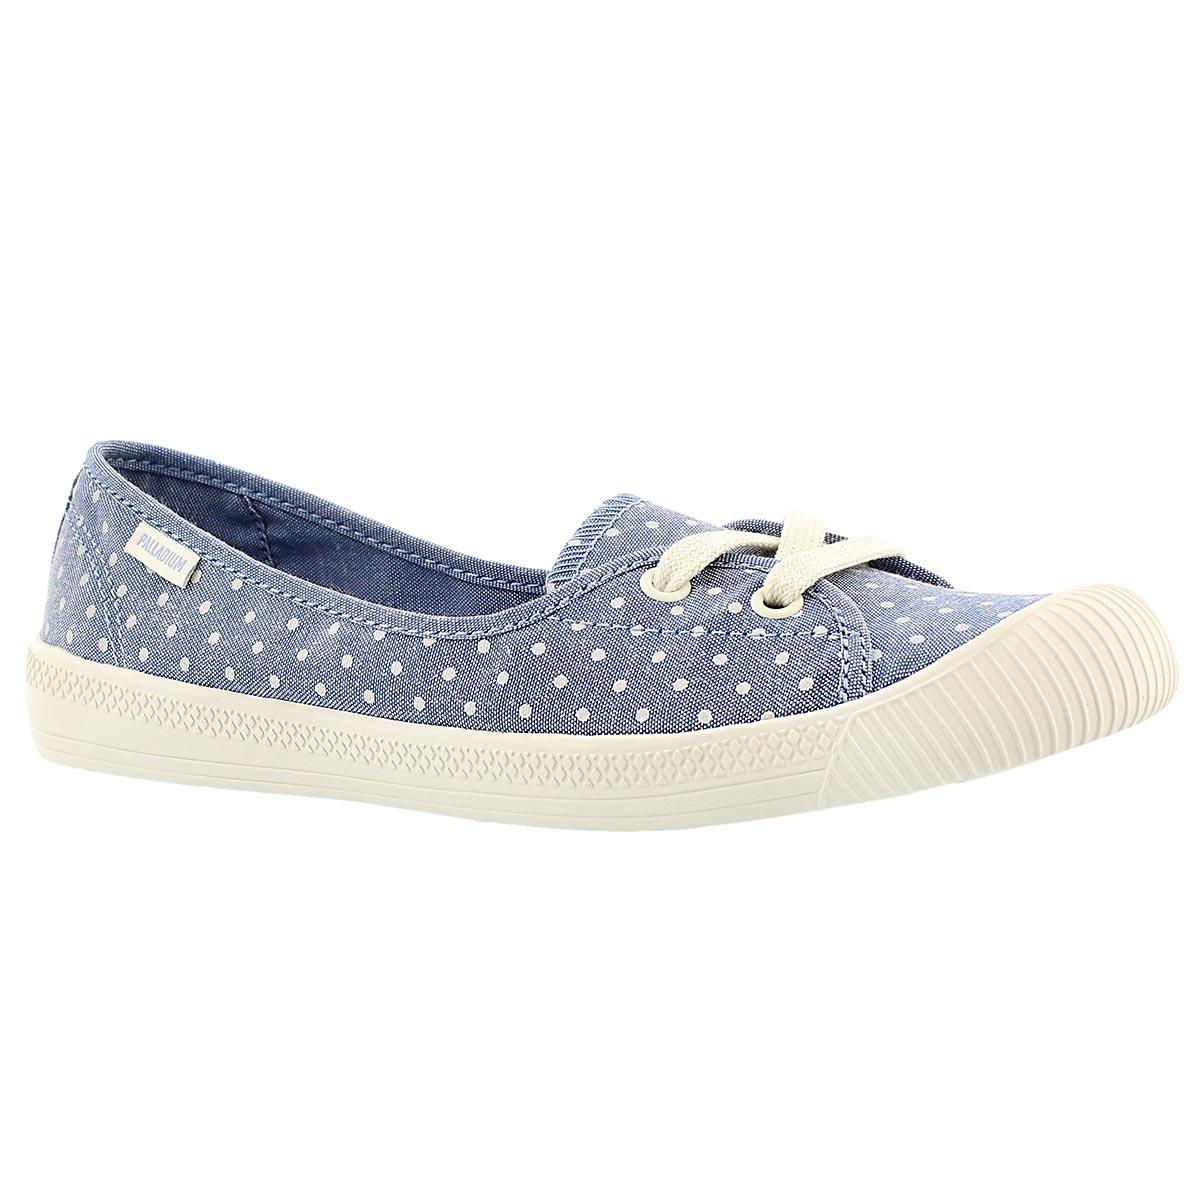 Lds Flex Ballet blue/wht dots sneaker